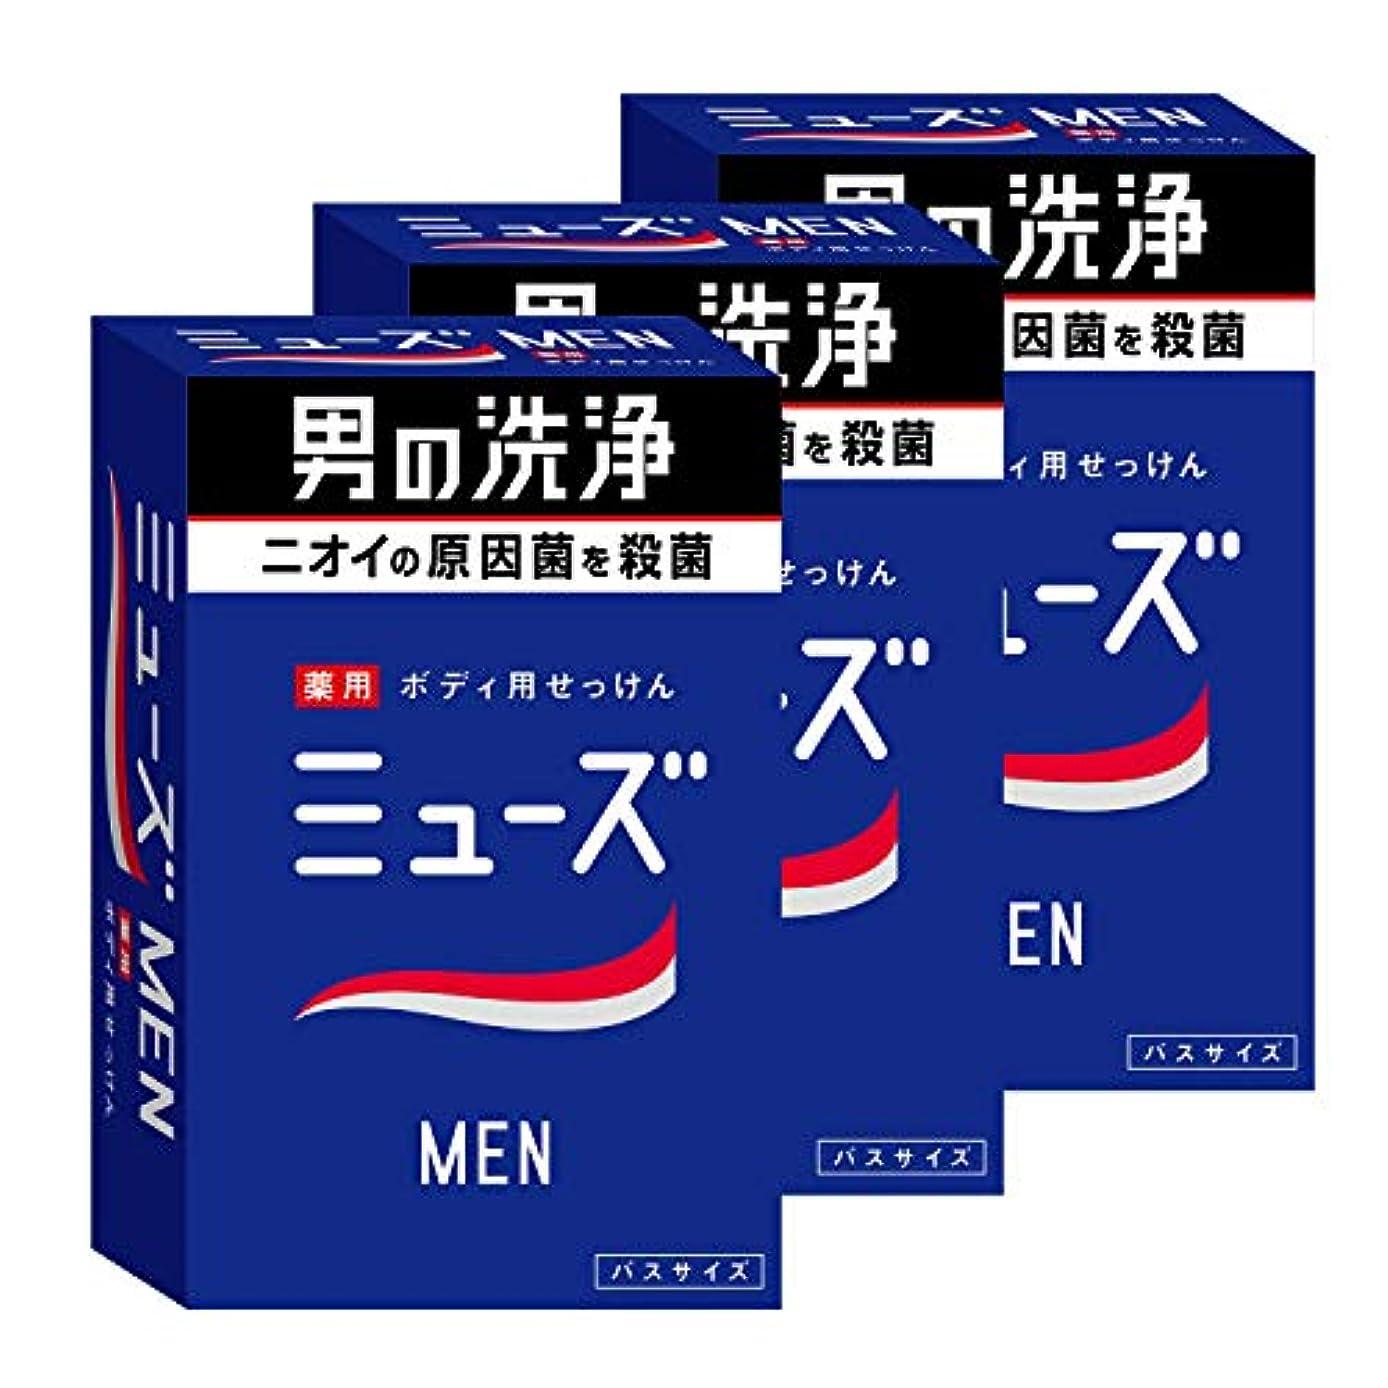 モニカ退屈エッセンス【医薬部外品】ミューズメン ボディ用 石鹸 135g ×3個 消臭